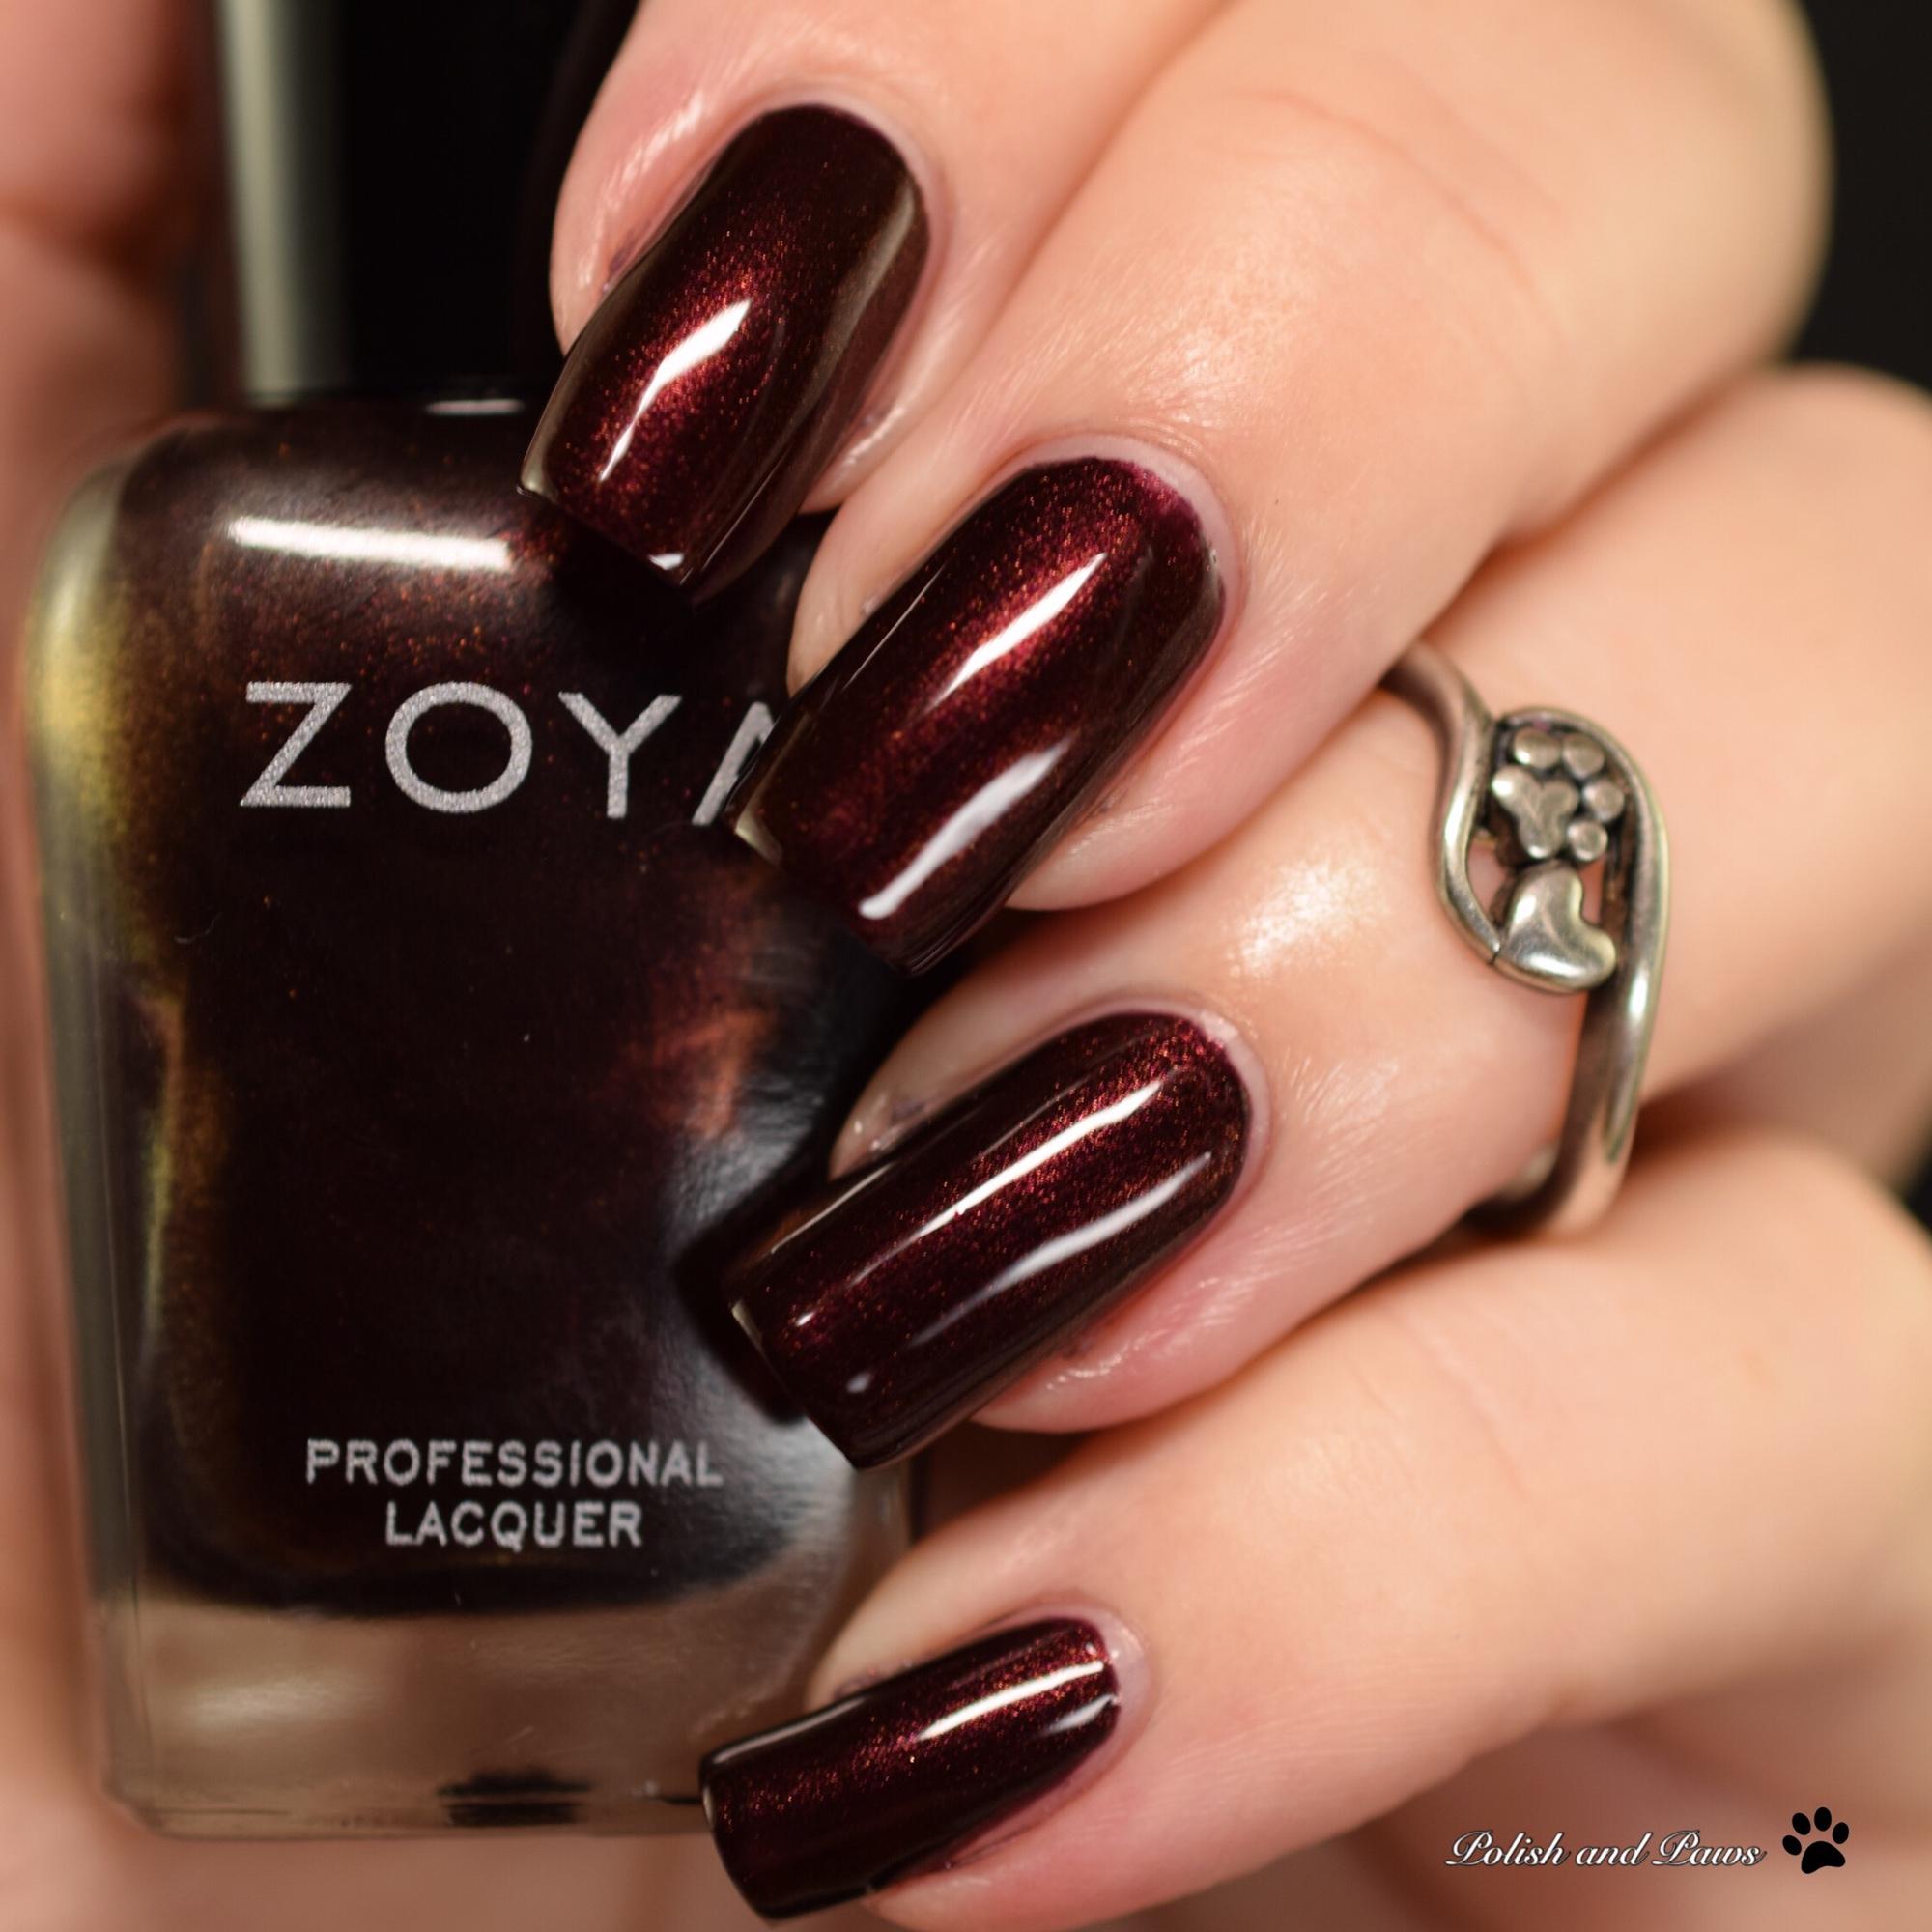 Zoya Nail Polish Sedona